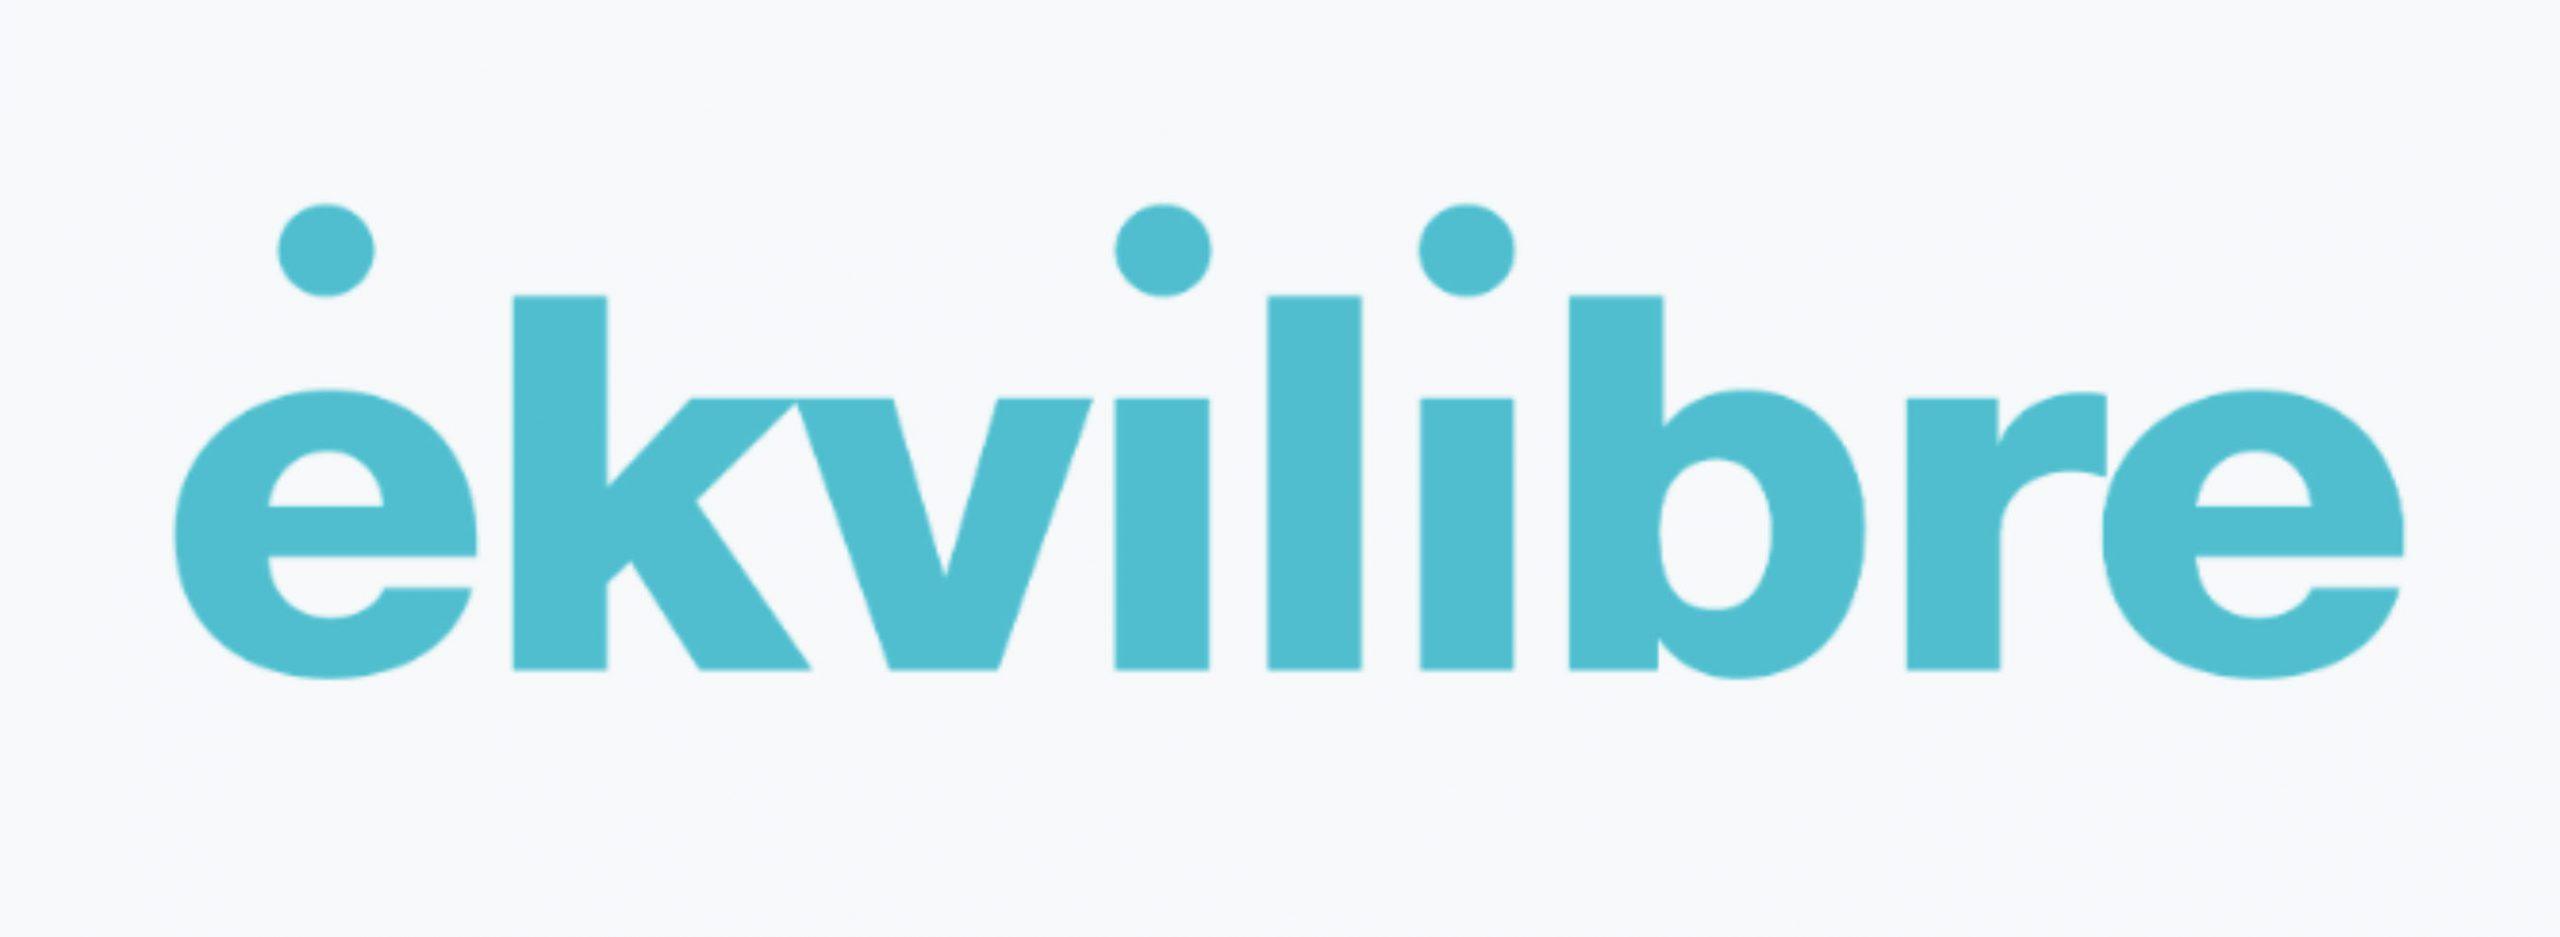 EKVILIBRE_logo.jpg